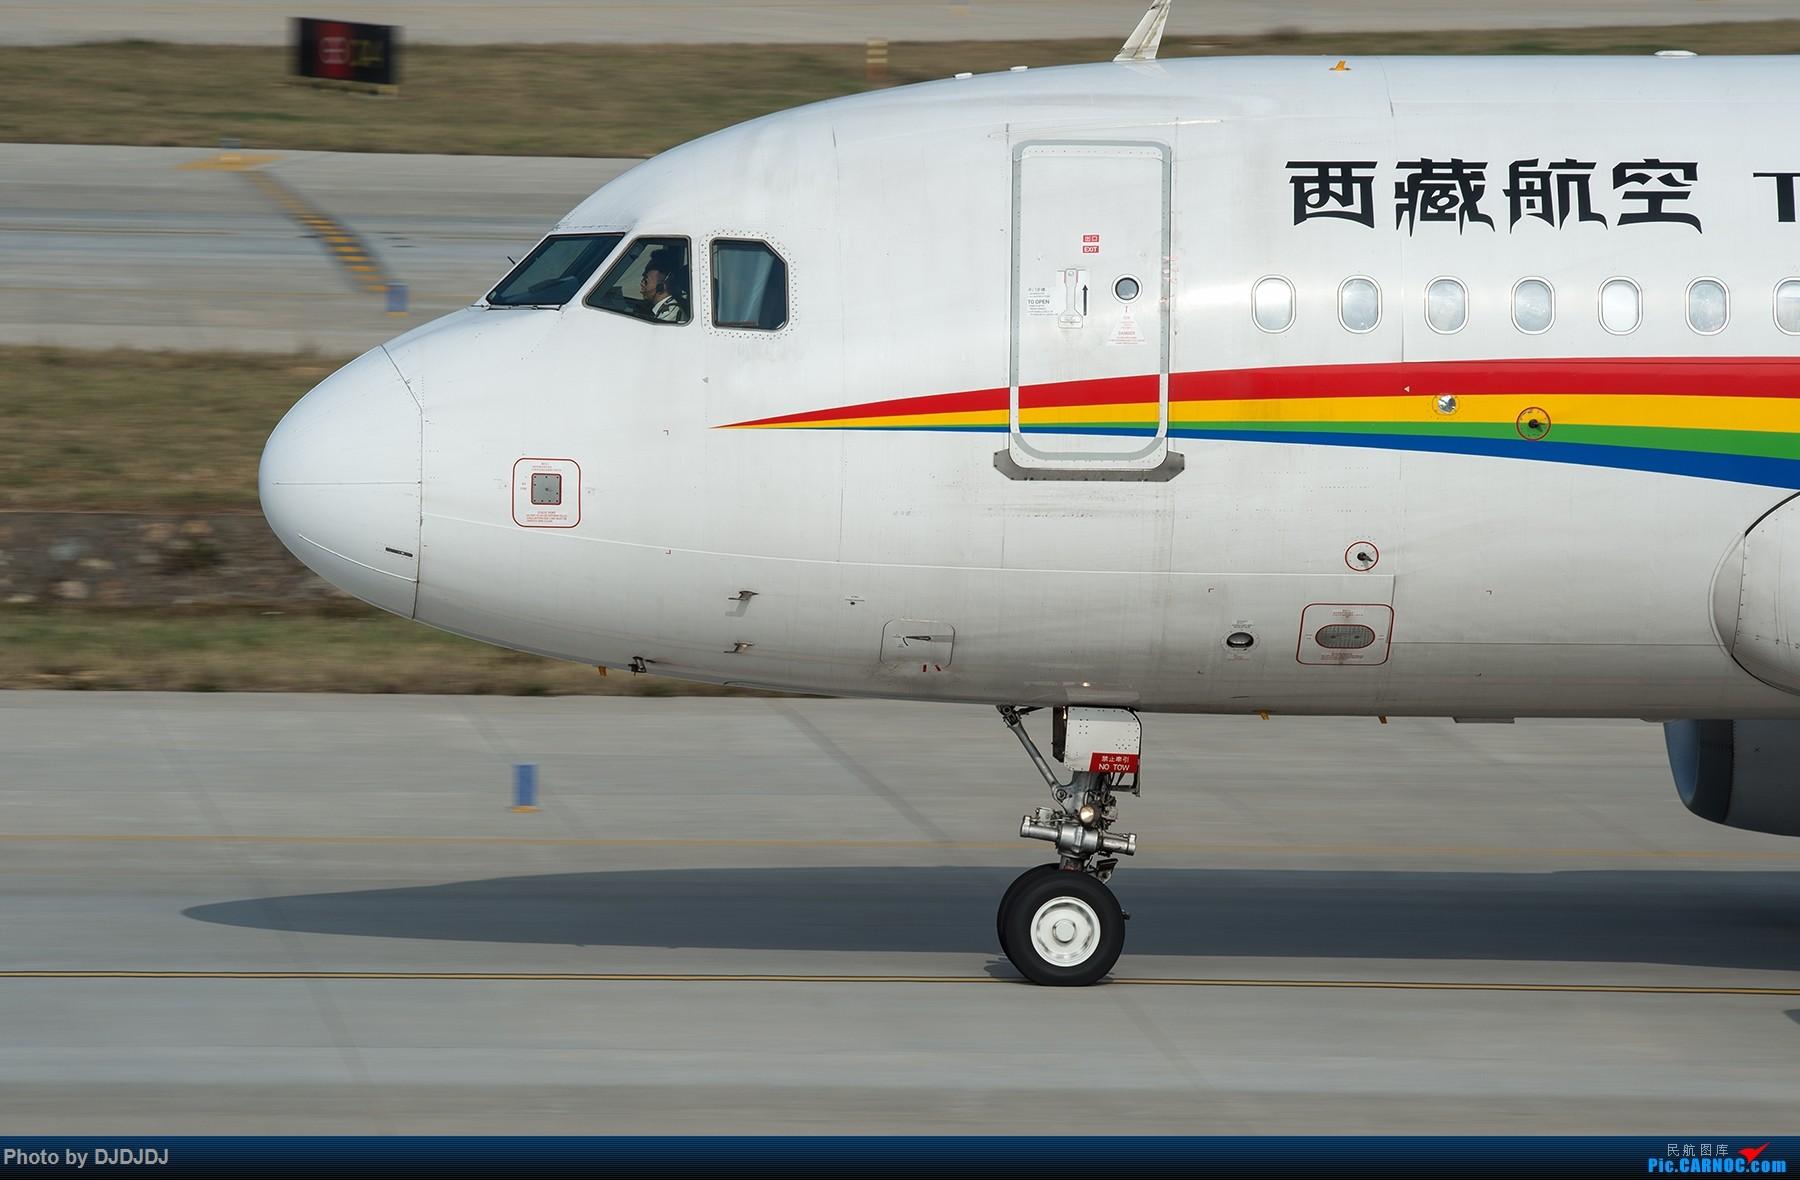 [原创]【BLDDQ】6438 AIRBUS A319-100 B-6438 中国深圳宝安国际机场